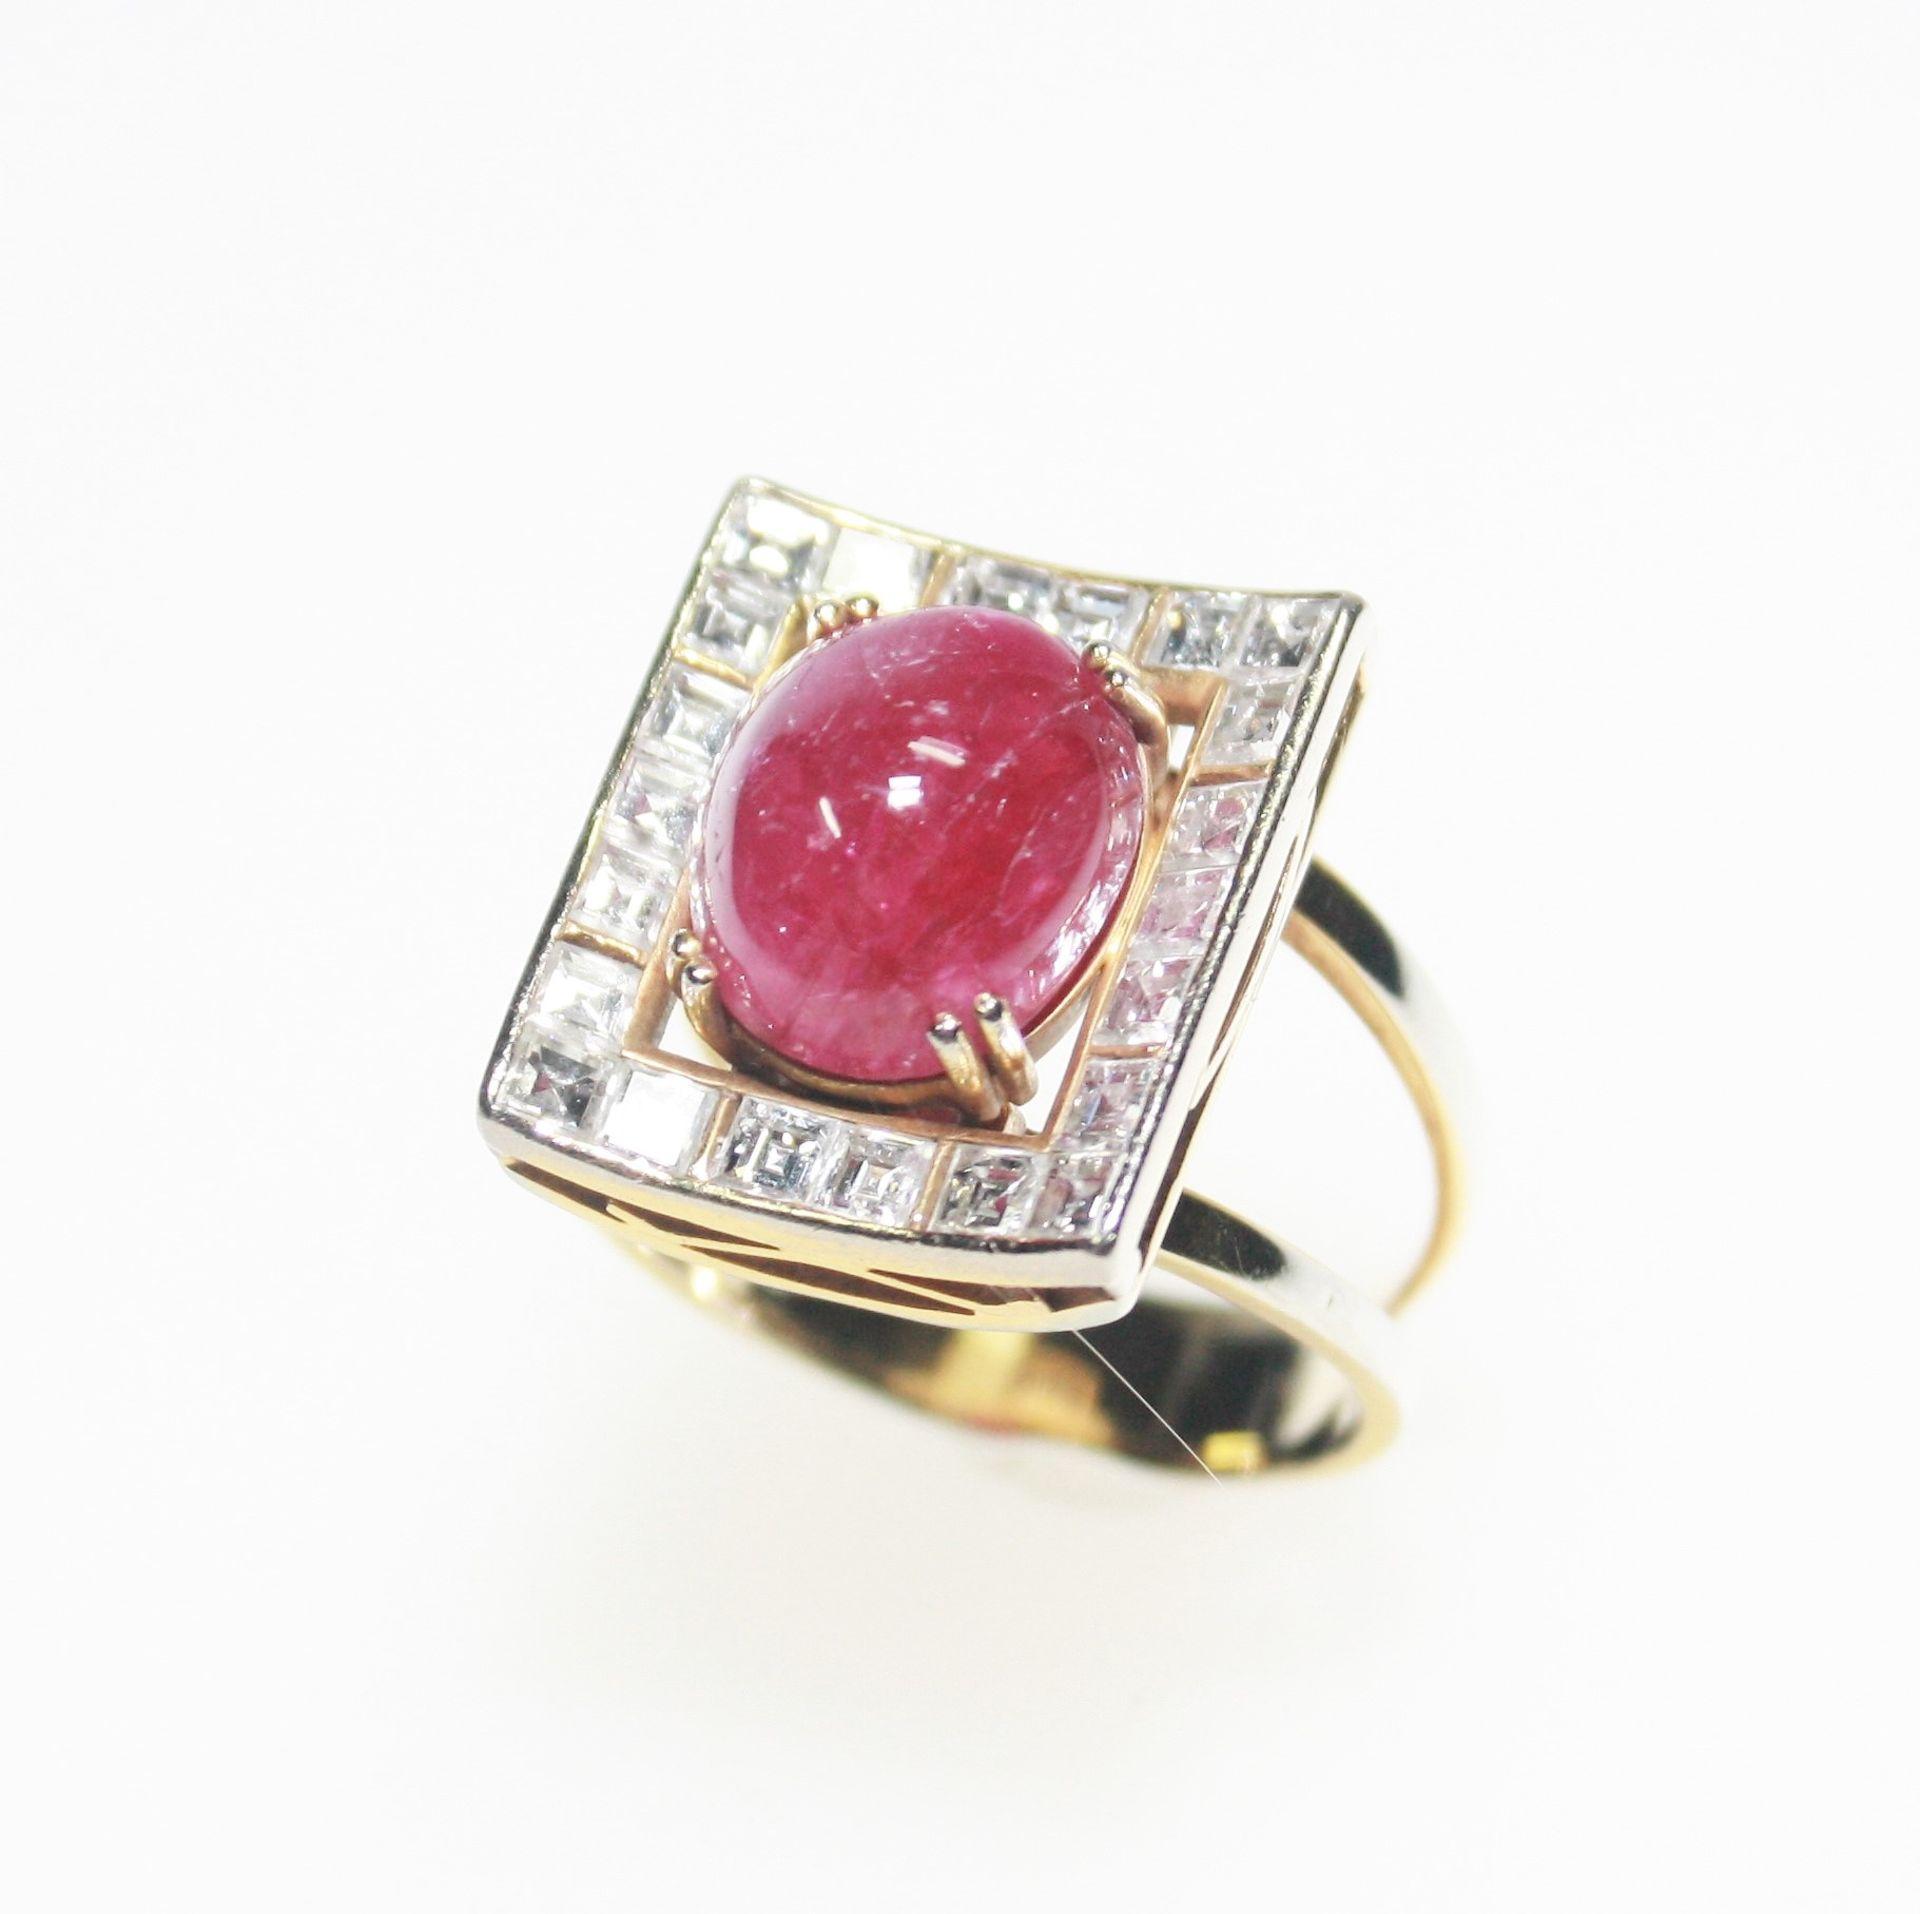 Ring Weißgold vergoldet 750/f gest., rechteckiger Ringkopf mit einem ovalen Rubincabochon ca. 12,6 x